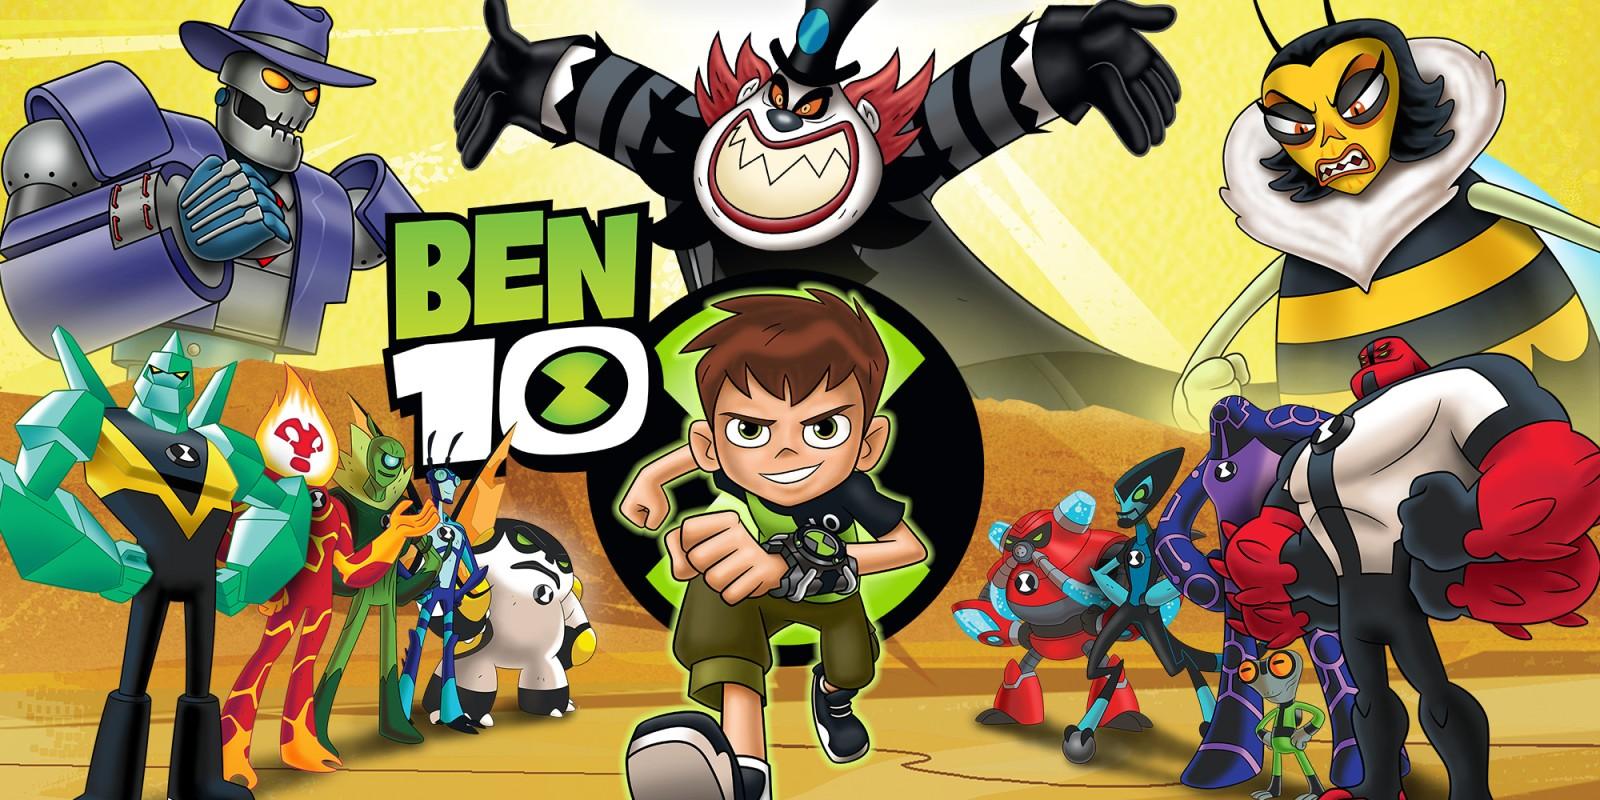 Tiger Spiele Von Ben 10